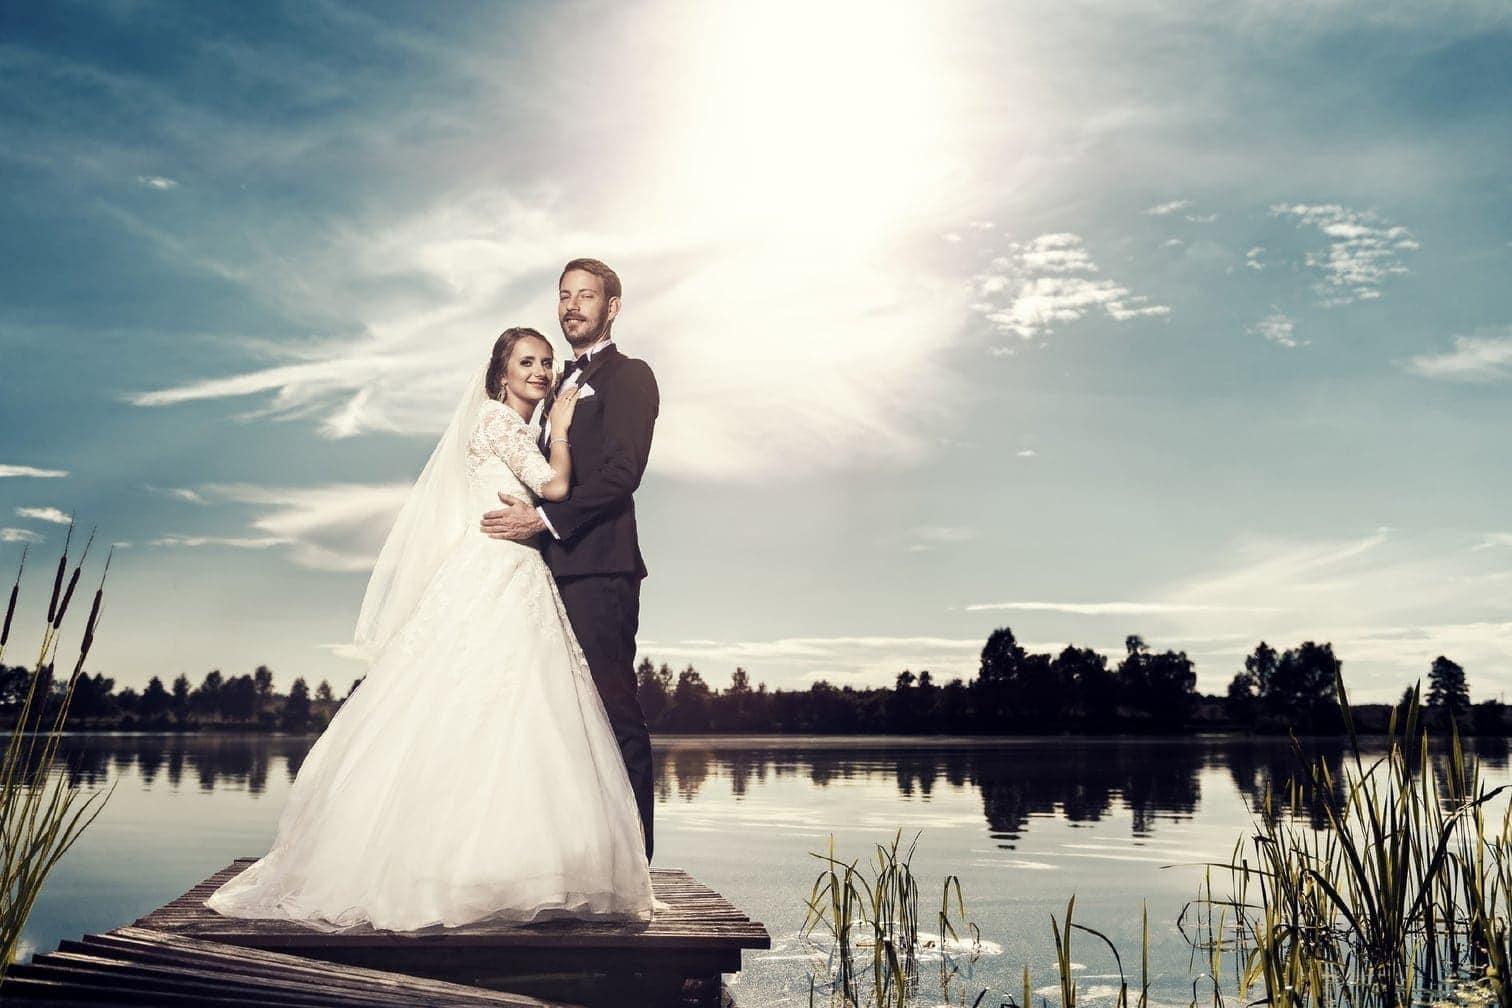 <p>Gleich zweimal haben in diesem Jahr die Hochzeitsglocken für Farmer Gerald aus Namibia und seine Anna geläutet. Erst in Polen und dann in Namibia. Nun gibt es endlich die ersten Bilder ihrer Hochzeit zu sehen.</p> Foto: MG RTL D / flashed by micky